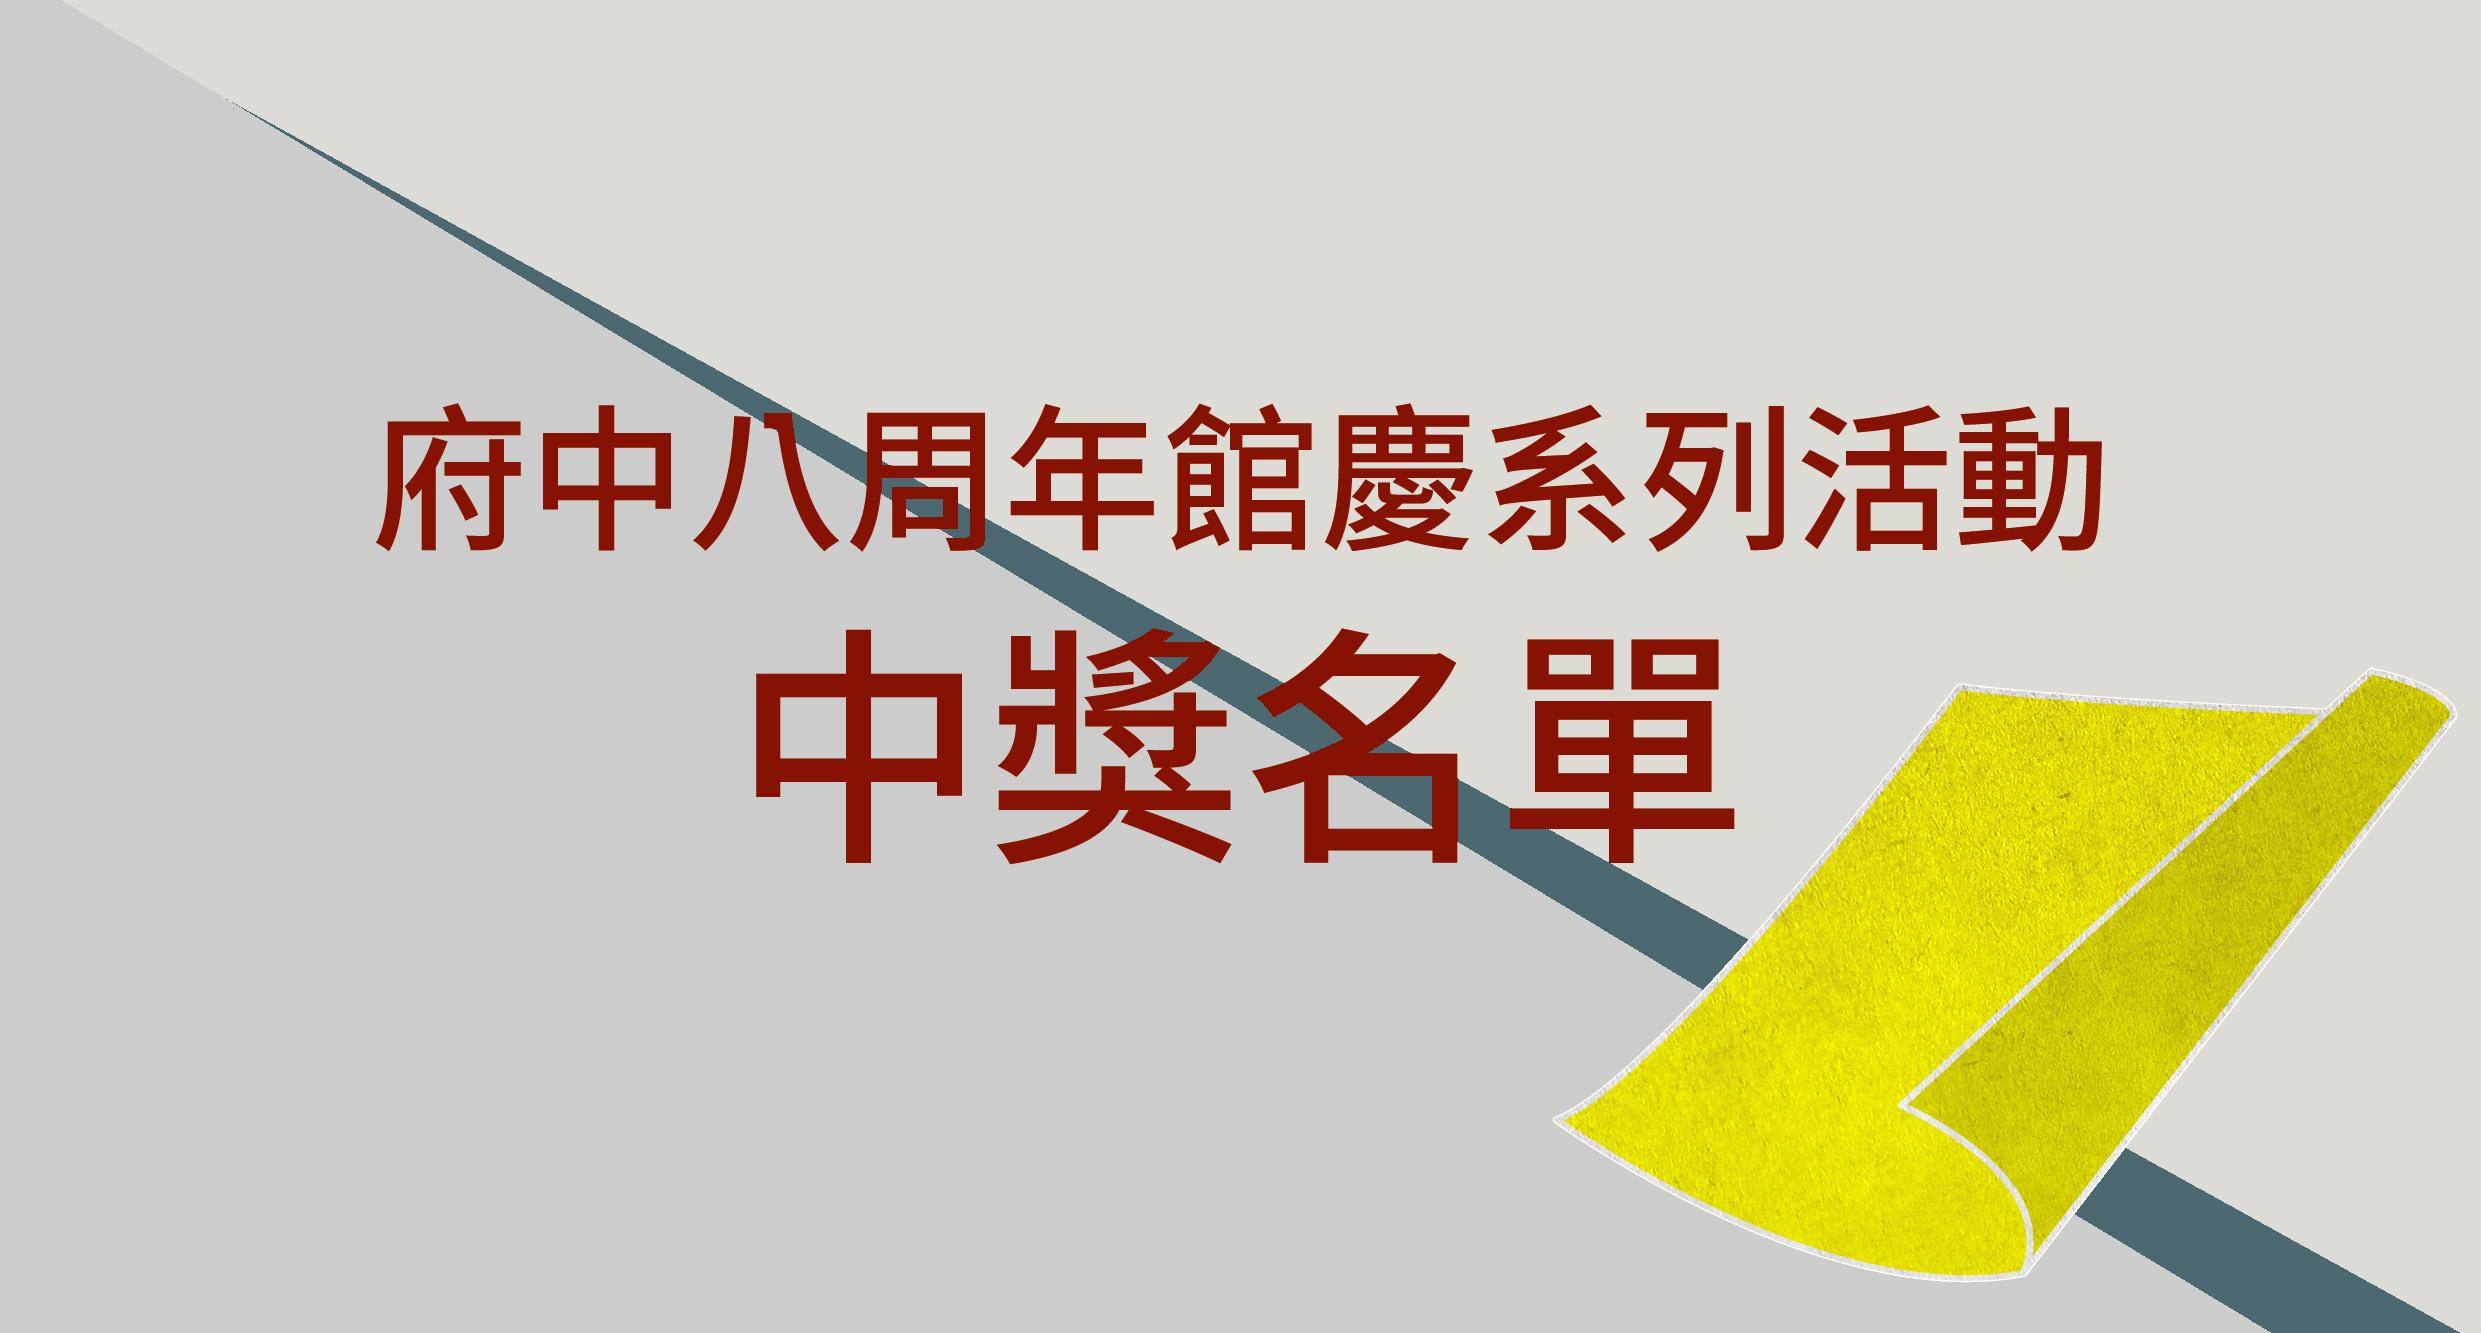 館慶系列抽獎活動中獎名單